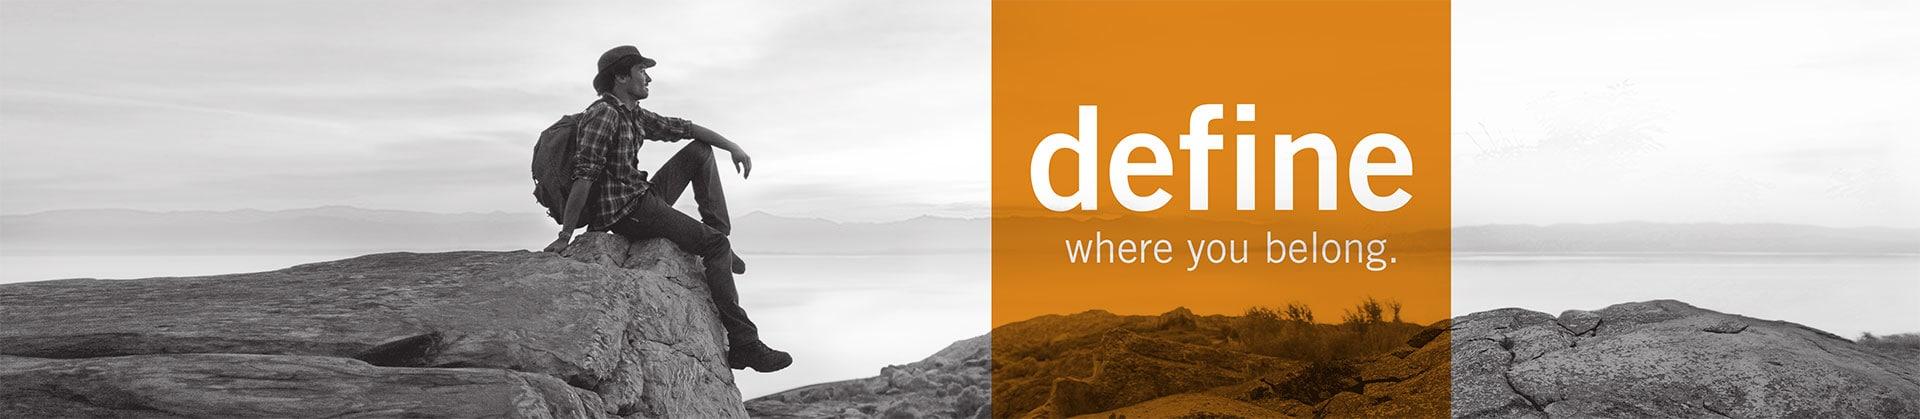 Define where you belong.